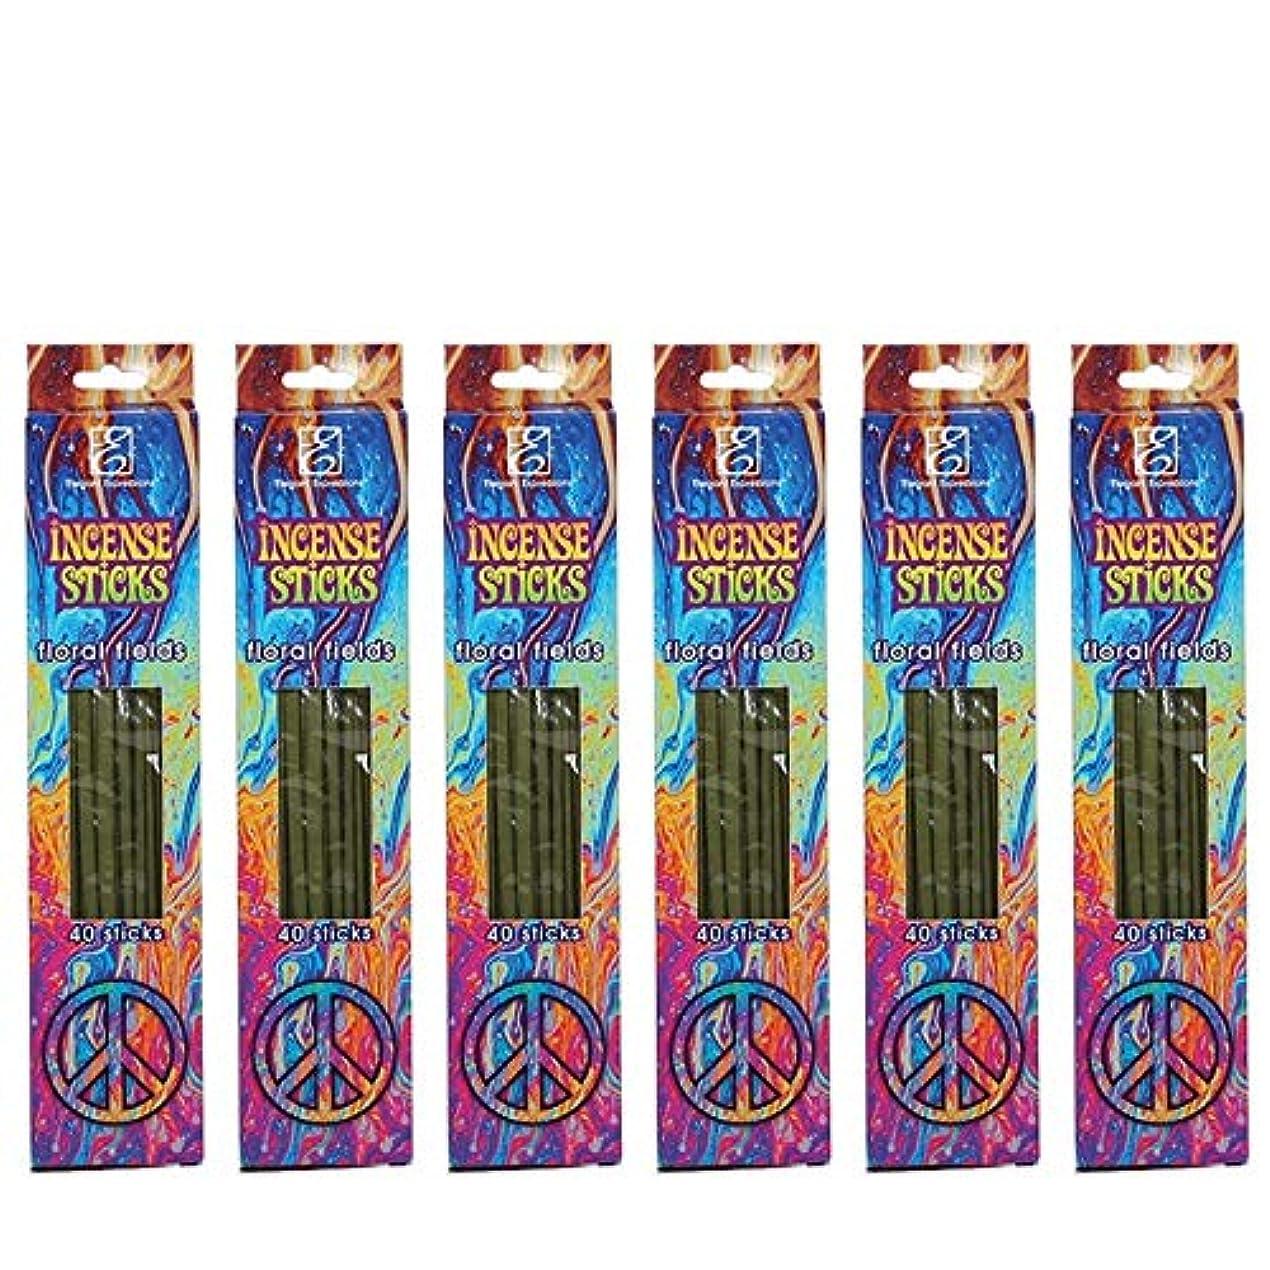 神経衰弱飢えた受取人Hosleyのフローラルの香りつきIncense Sticks 240パック。手Fragranced、Infused with Essential Oils。理想的なギフト、ウェディング、特別なイベント、アロマセラピー、...